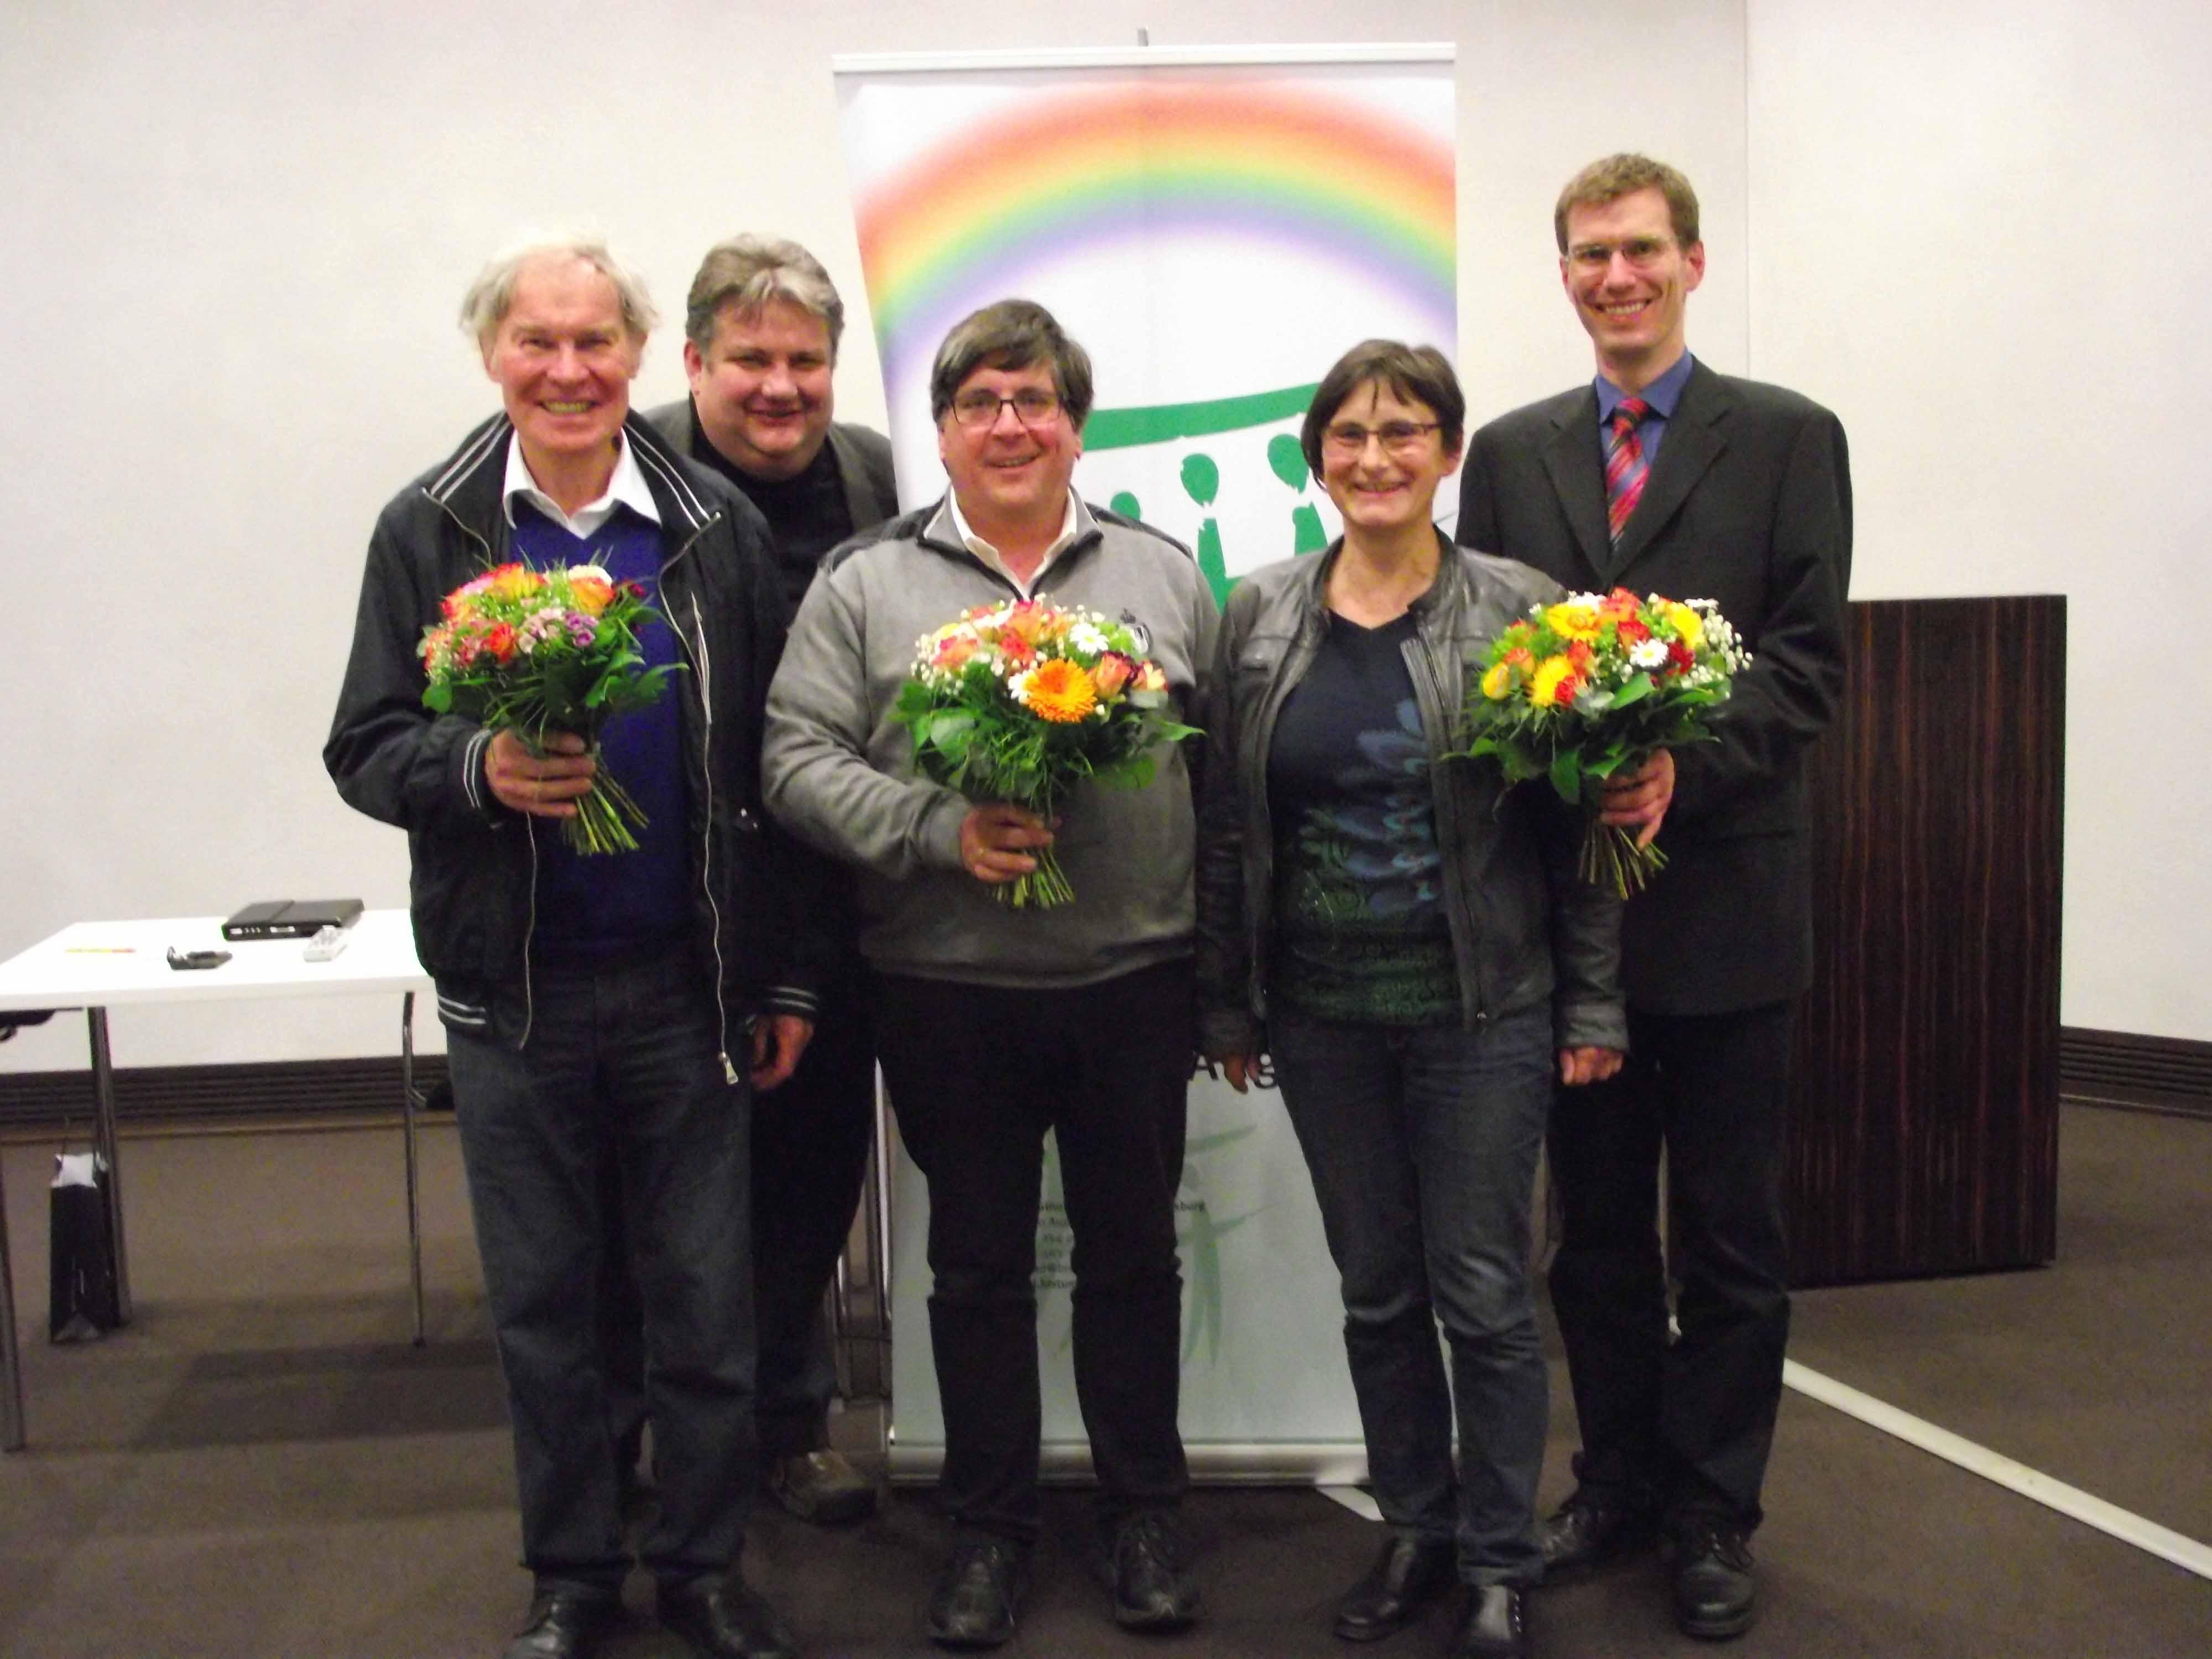 Der scheidende Vorsitzende Ulrich Hoffmann (Mitte) und der neue Vorsitzende Pavel Jerabek mit Vorstandsmitgliedern